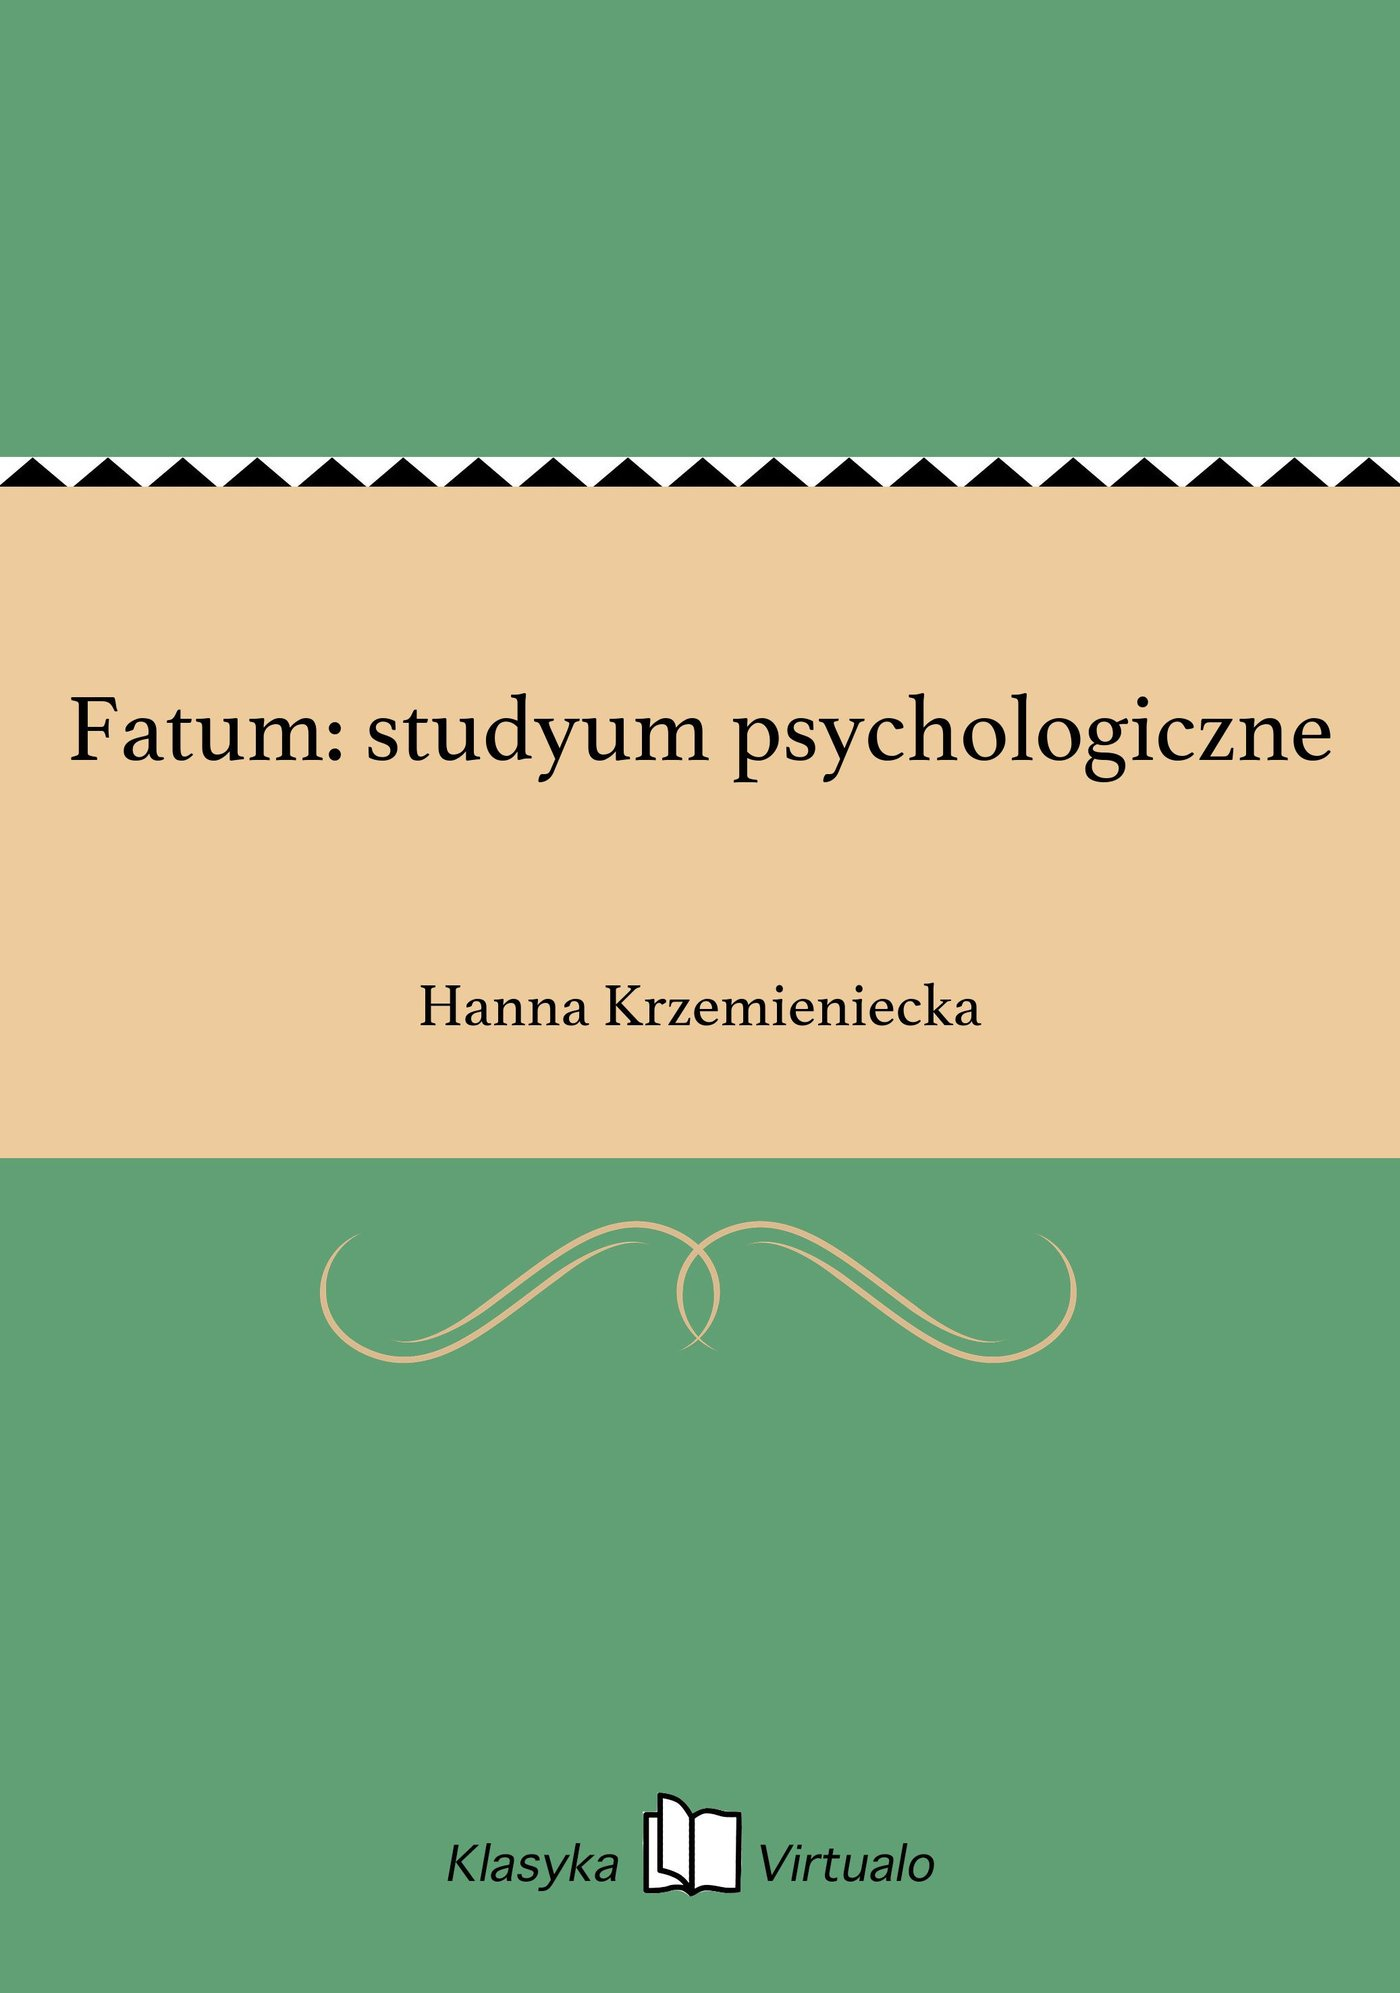 Fatum: studyum psychologiczne - Ebook (Książka EPUB) do pobrania w formacie EPUB